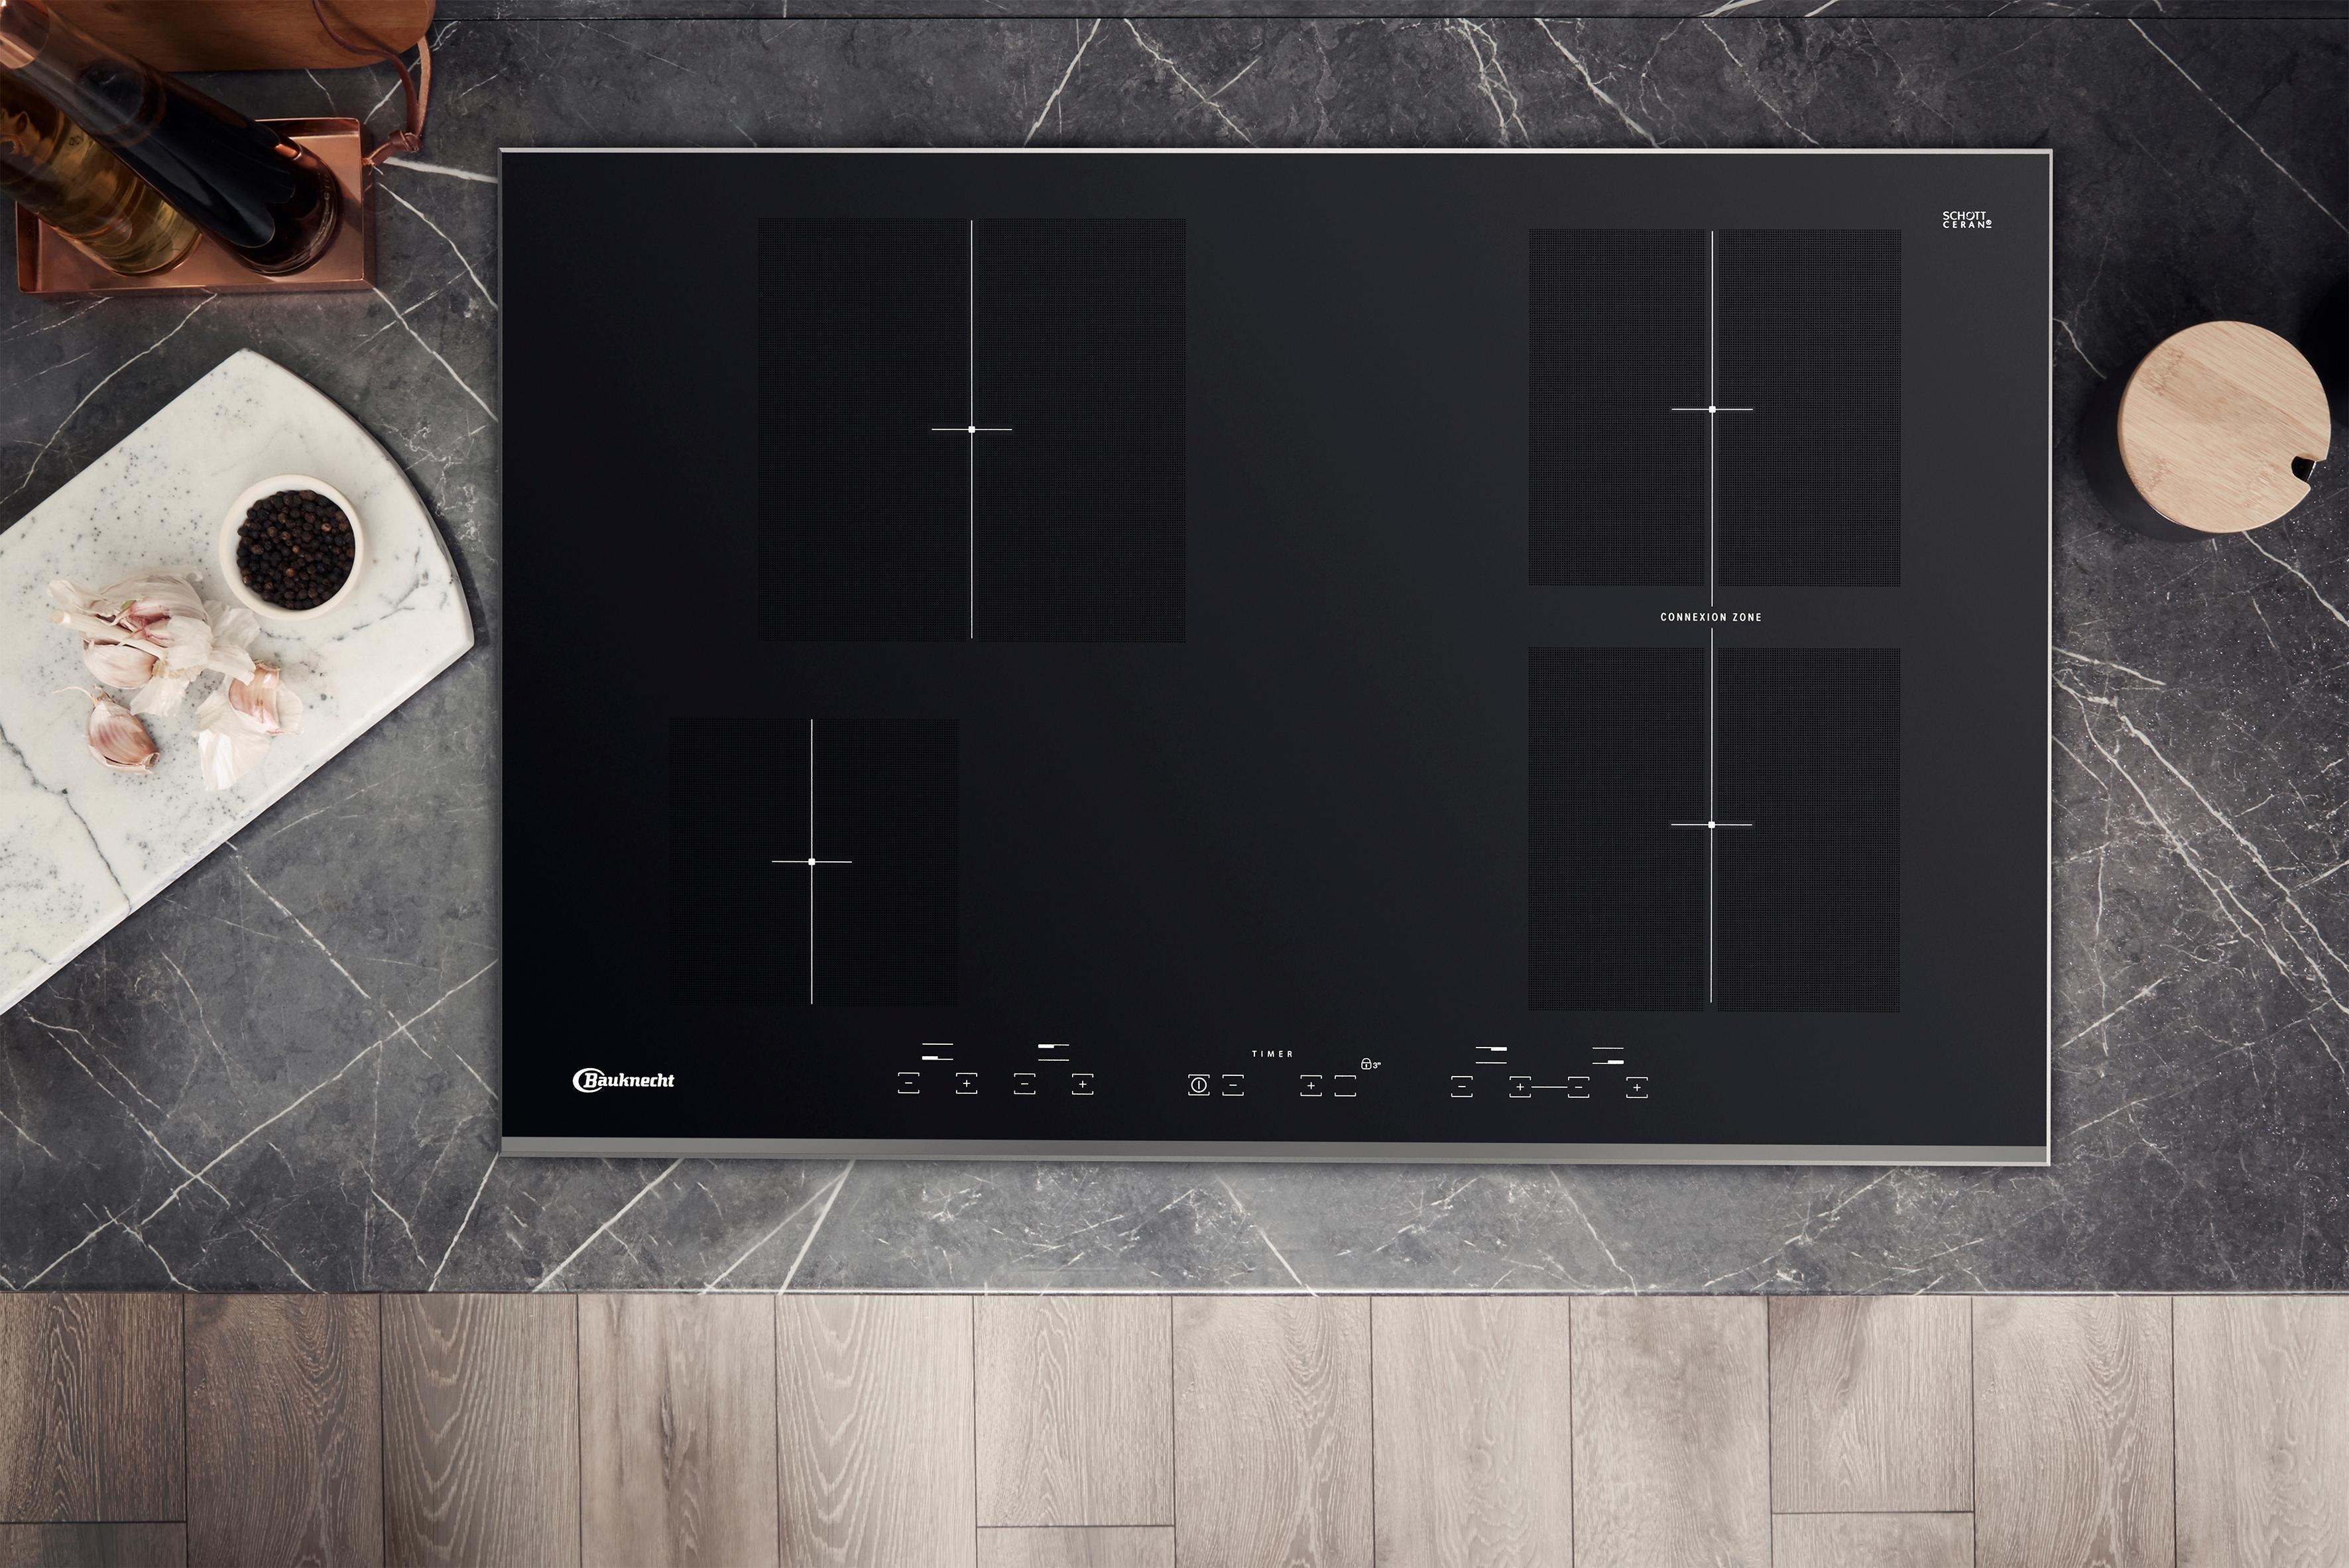 Keramische Kookplaat Aanraakbediening : Bauknecht inductiekookplaat ctai 9740c in makkelijk gevonden otto